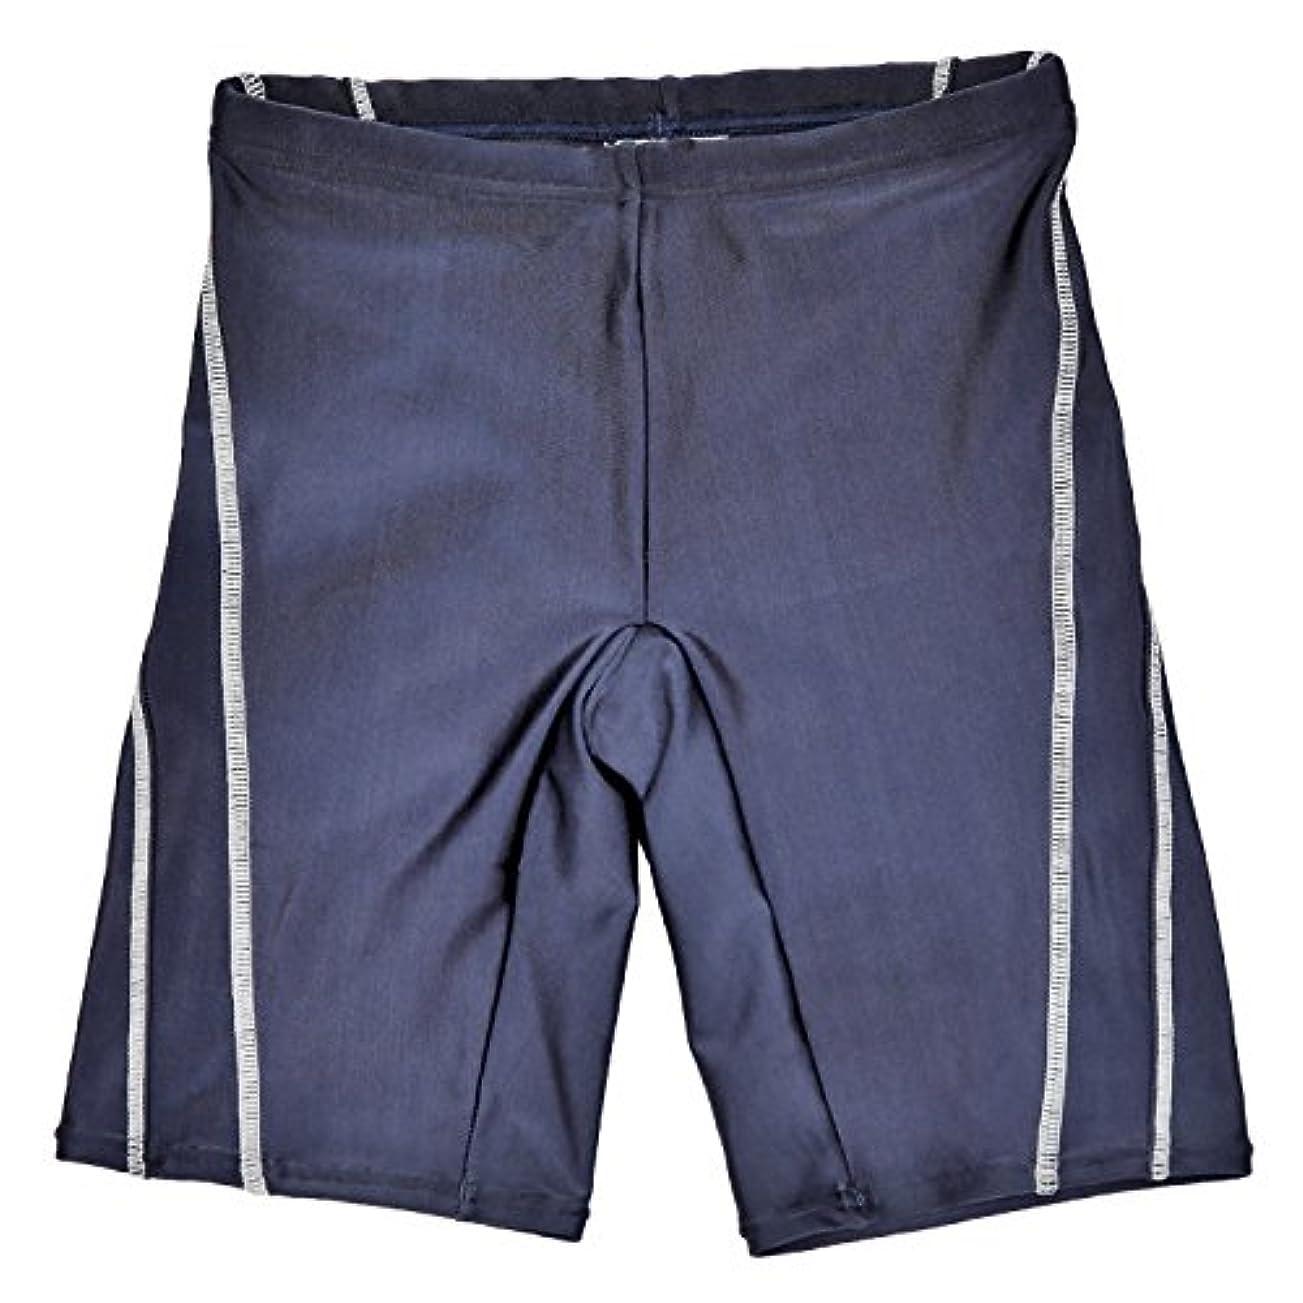 なめらかトランクうまくやる()(ラクア)LAQUA キッズ スクール水着 男の子 ステッチライン 学校用水着